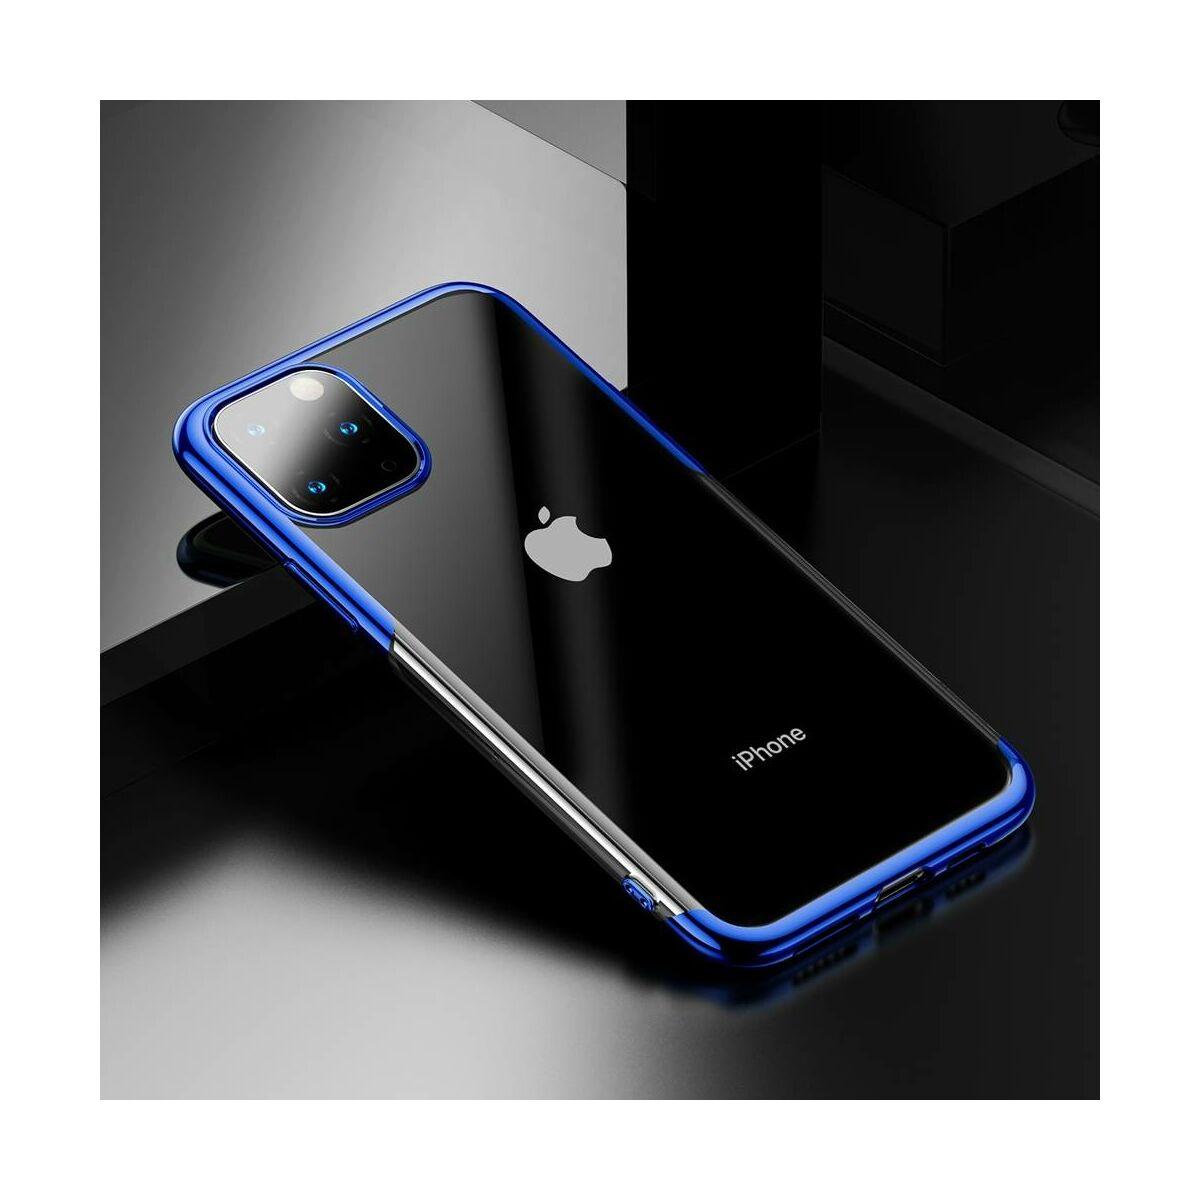 Baseus iPhone 11 Pro Max tok, Shining, kék (ARAPIPH65S-MD03)